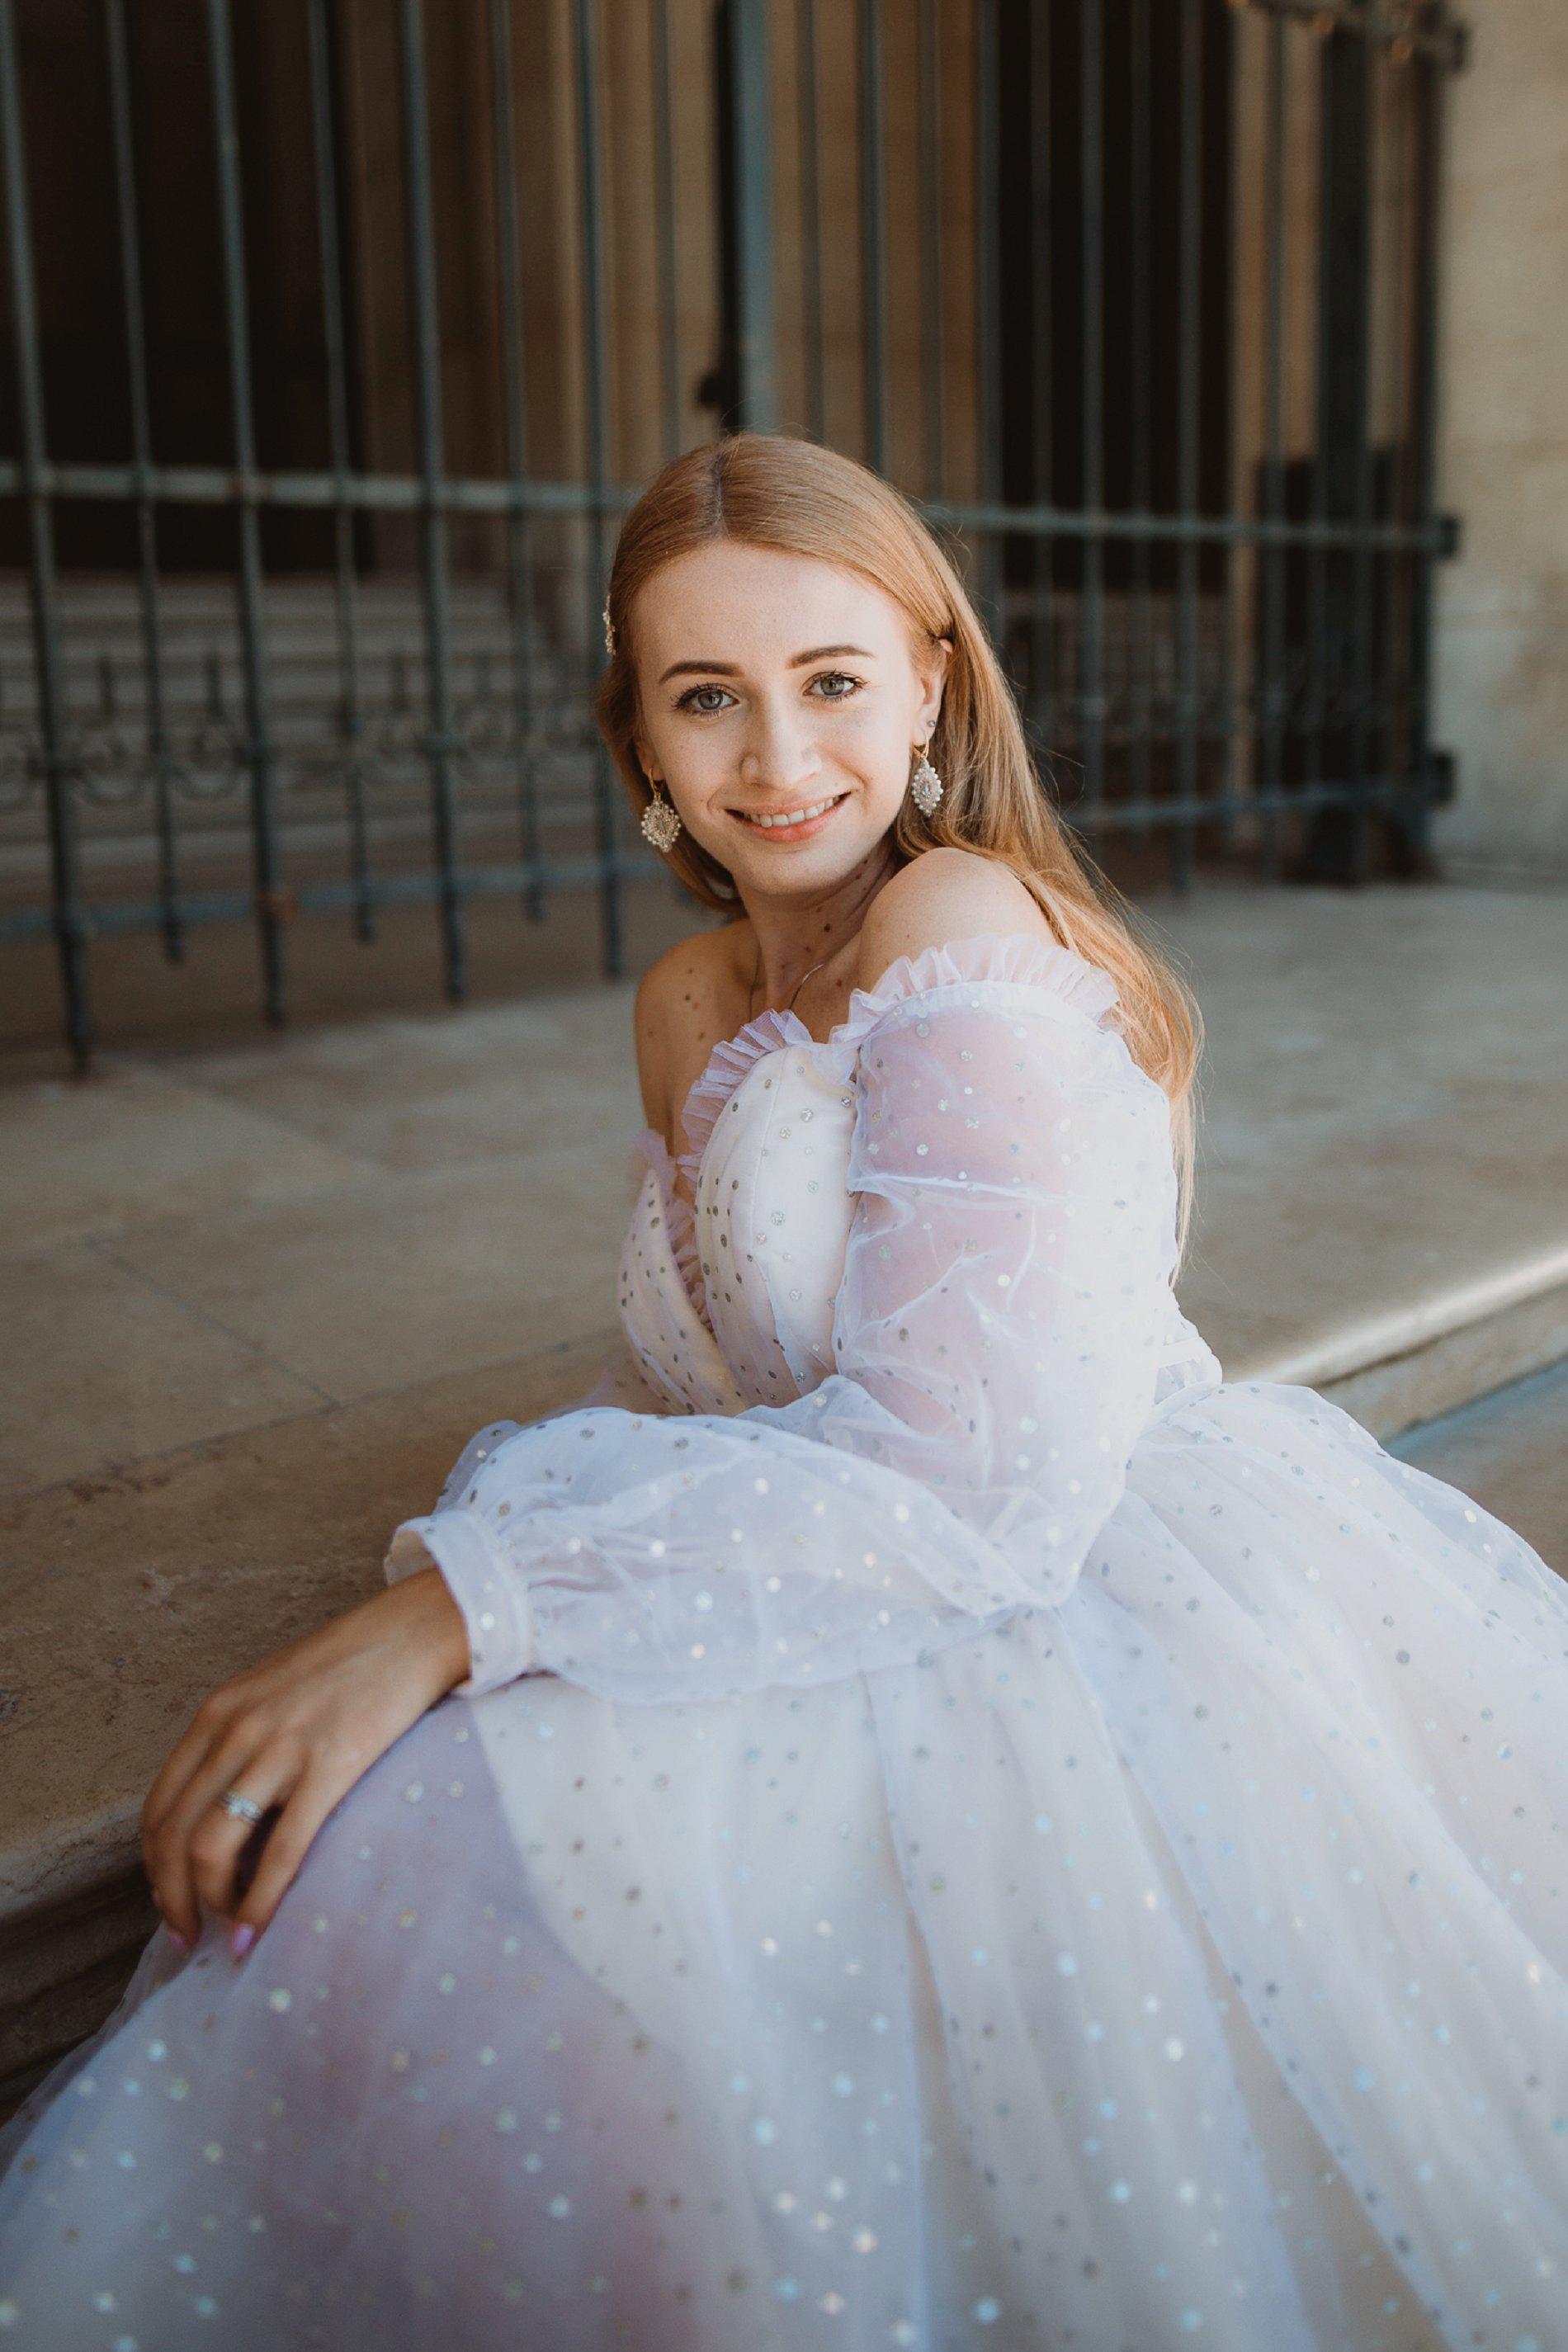 Miss He Bridal Romantic Paris Elopement (c) Xanthe Rowland Photography (33)